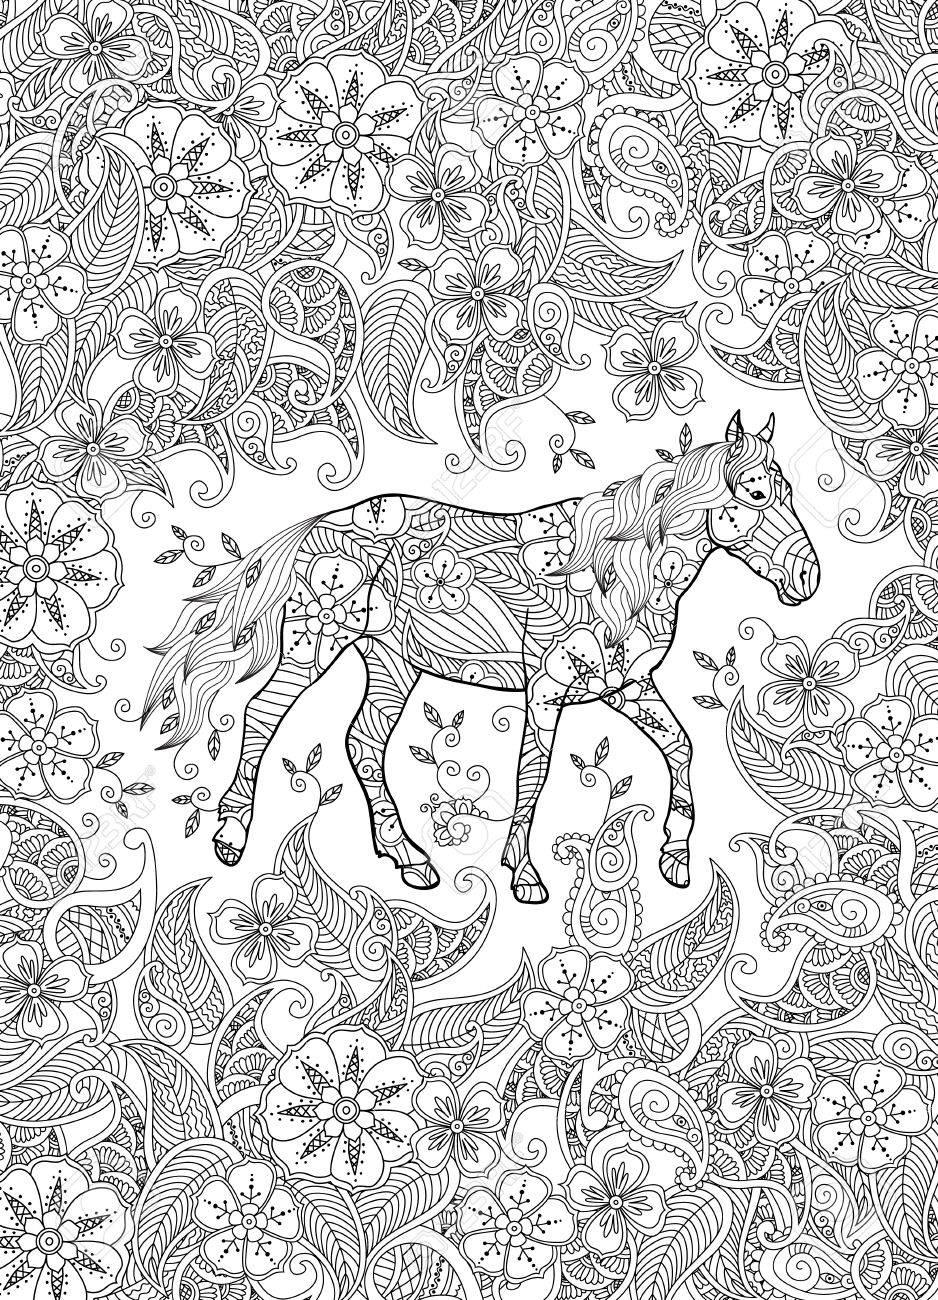 Kleurplaten Voor Volwassenen Paarden.Kleurplaat In Geinspireerde Stijl Rennen Paard Op Bloeiende Weide